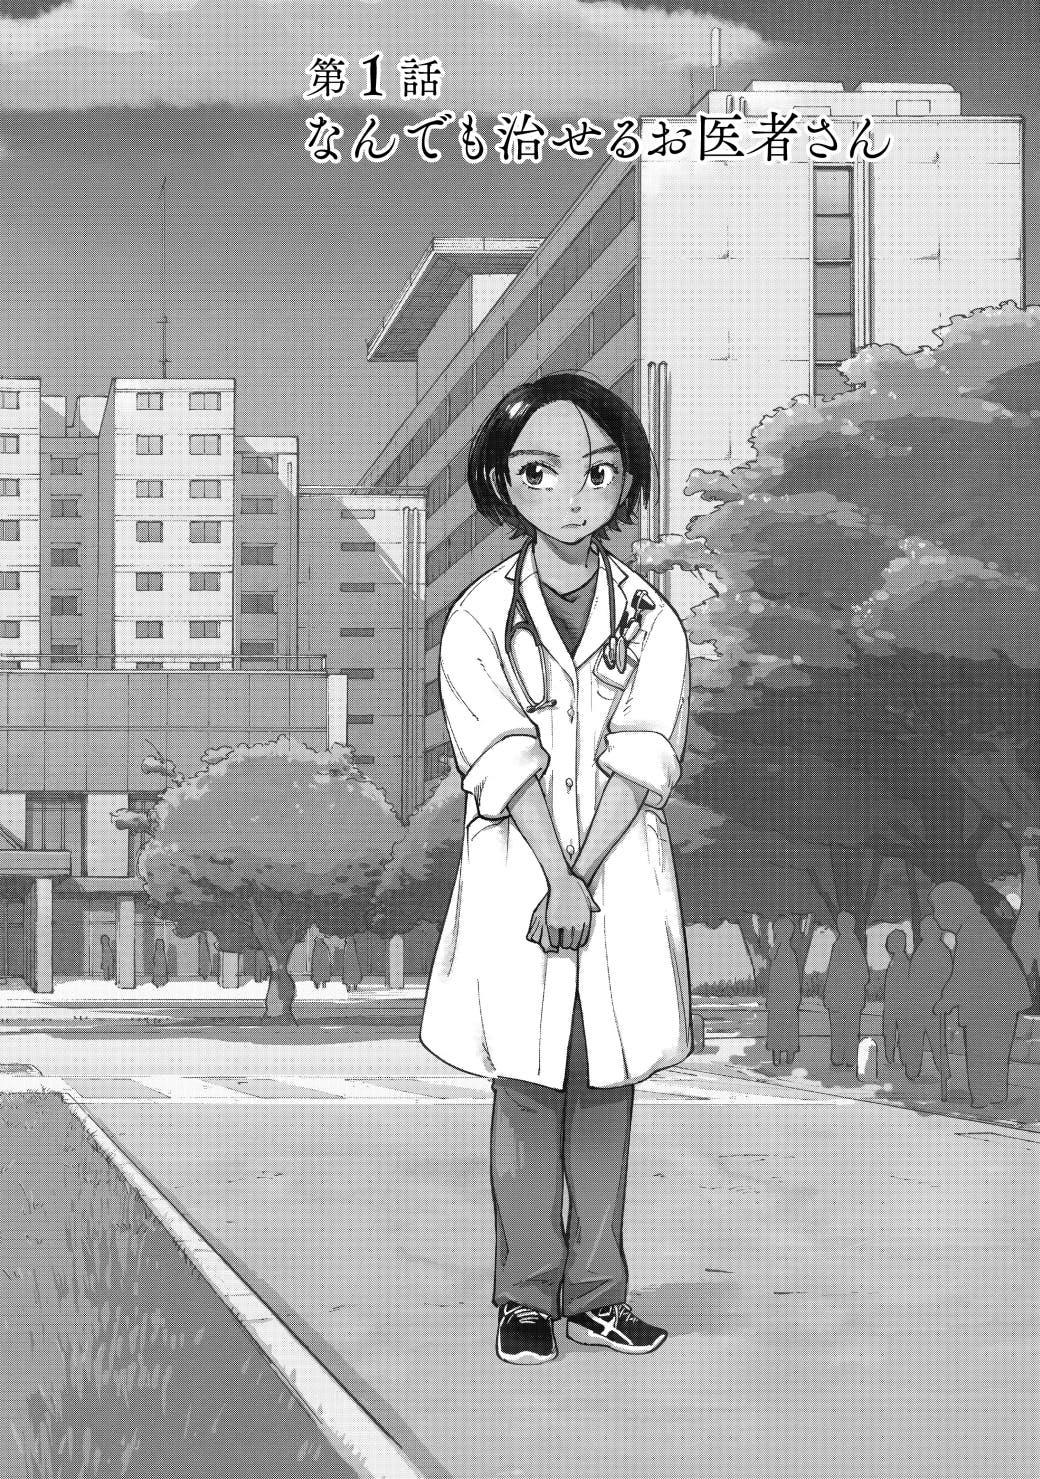 の カルテ 番目 19 「臓器を専門としない医者」が人命を救える理由 漫画「19番目のカルテ」(第1話)(東洋経済オンライン)物語の中で見た「なんでも治せる医者」にな…|dメニューニュース(NTTドコモ)